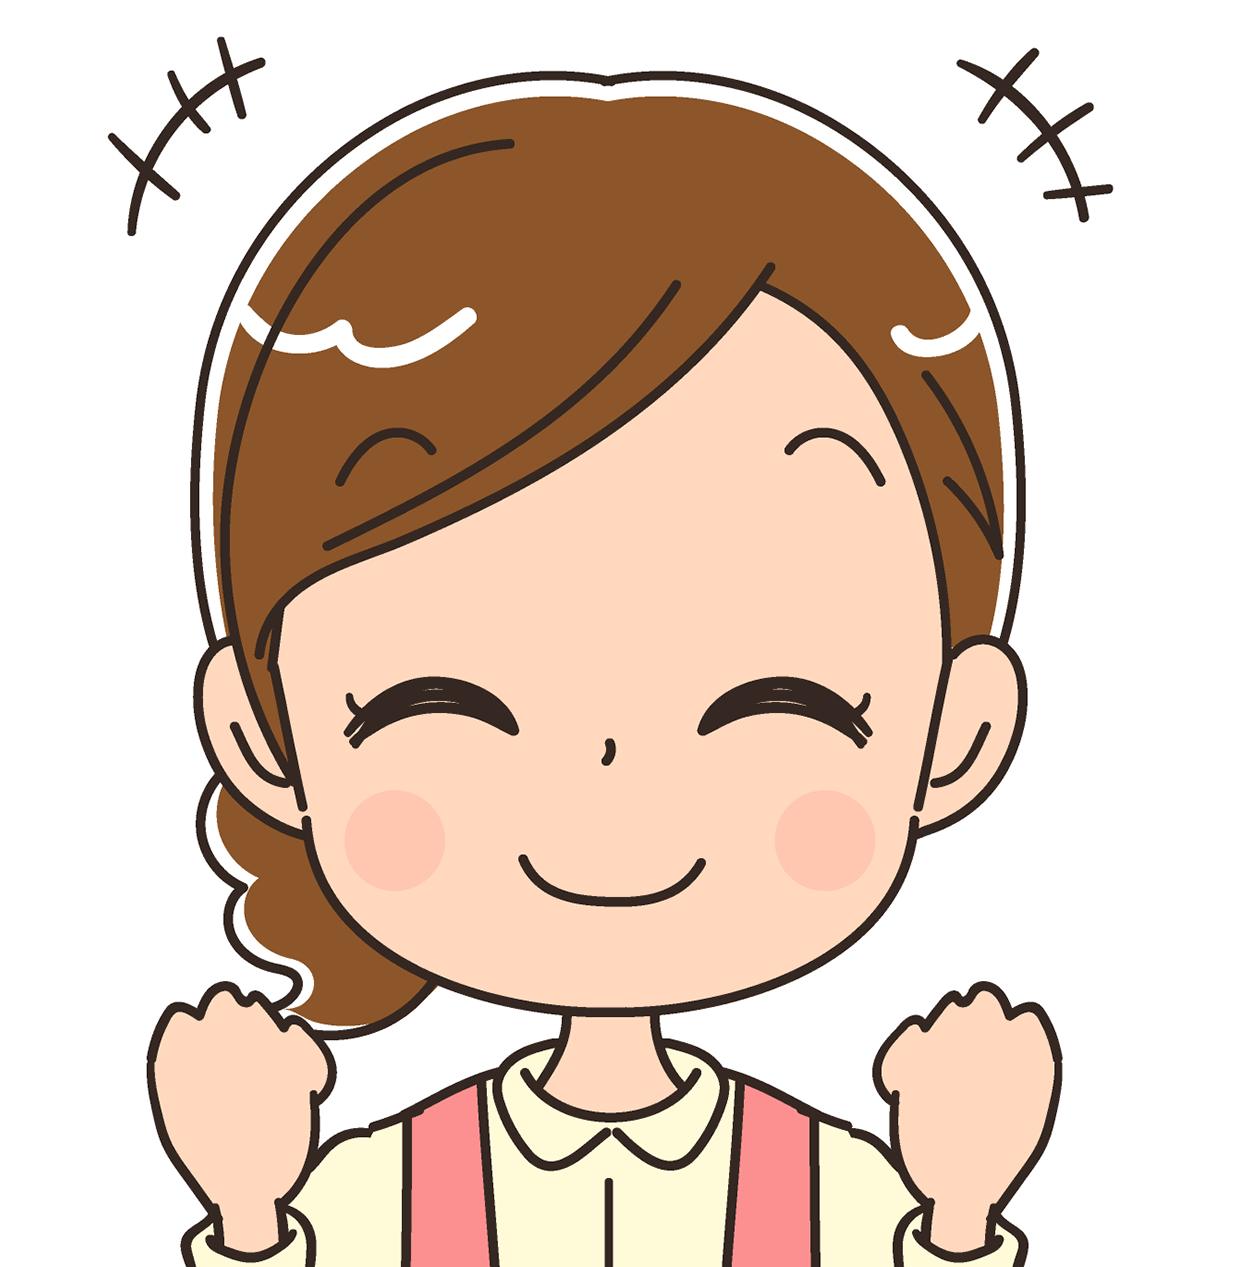 埼玉県・30代女性